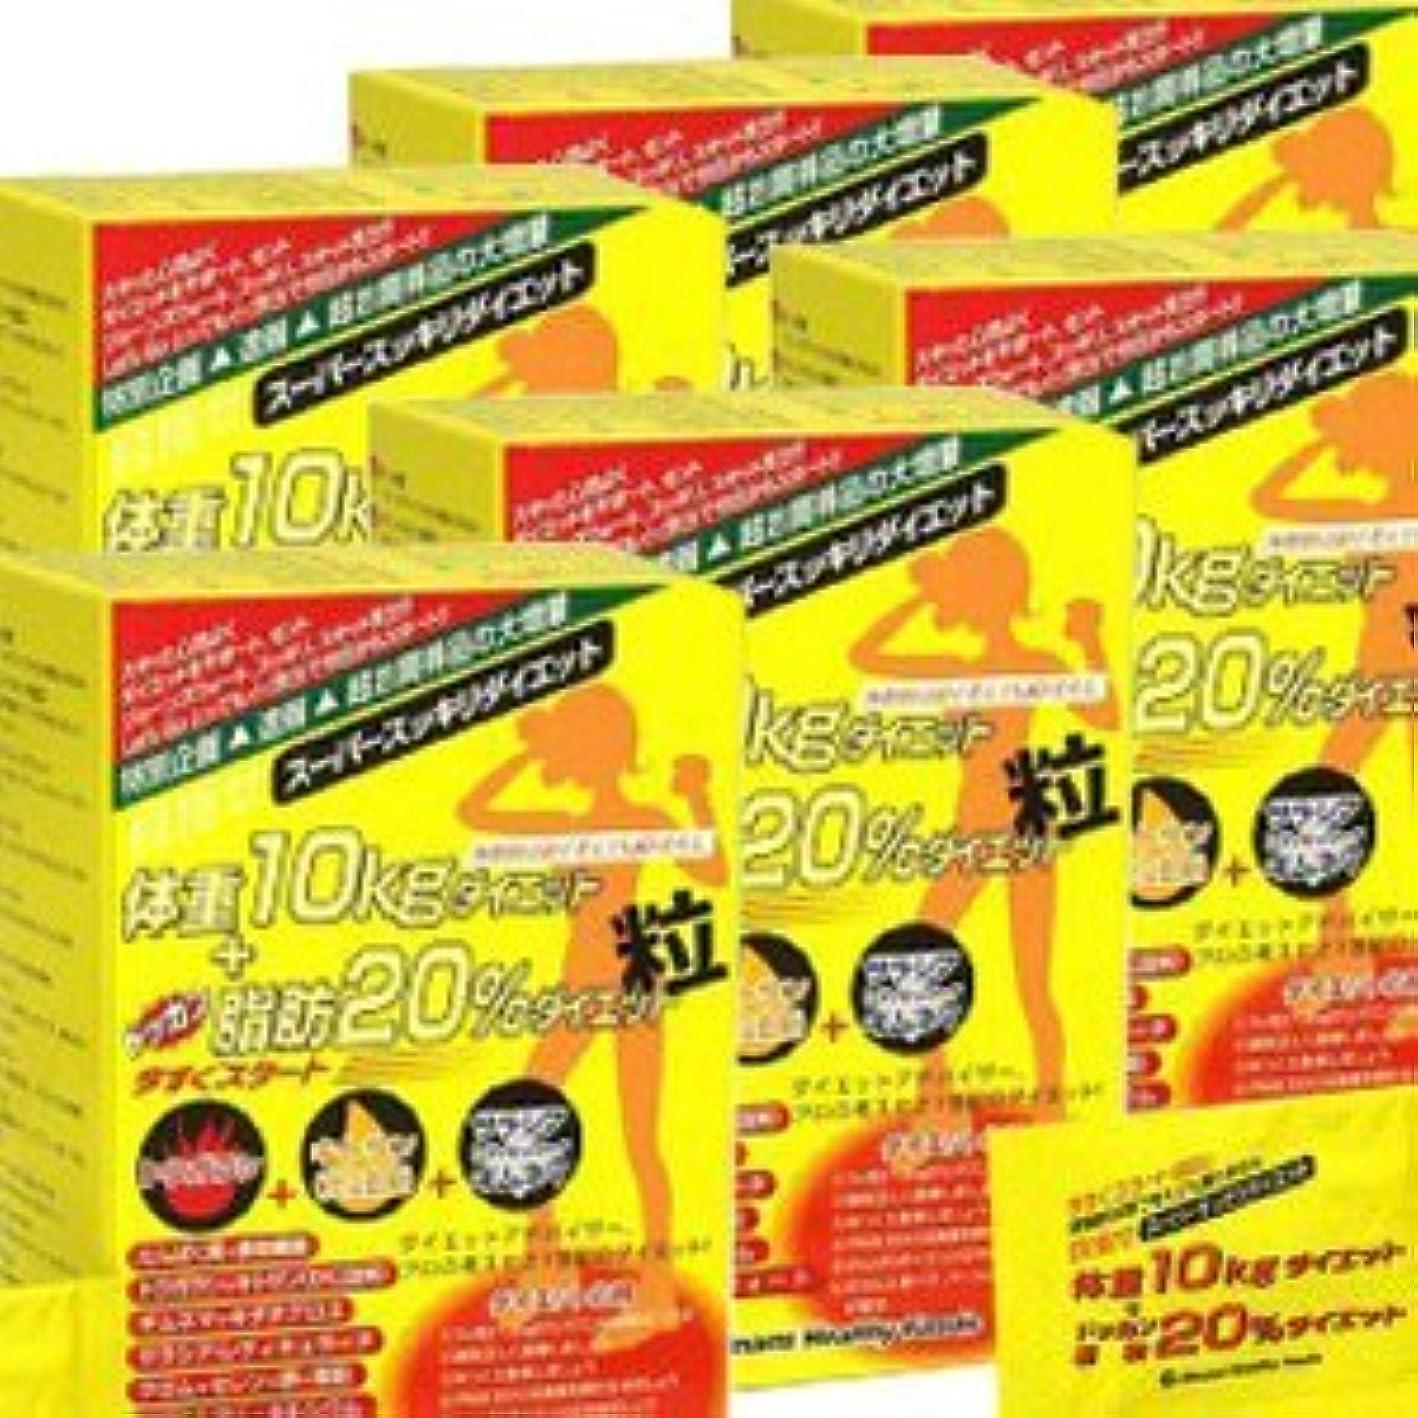 羨望風変わりな影響【24箱1ケース】目指せ体重10kgダイエット+ドッカン脂肪20%ダイエット粒 (6粒x75袋)x24箱 (4945904010341)